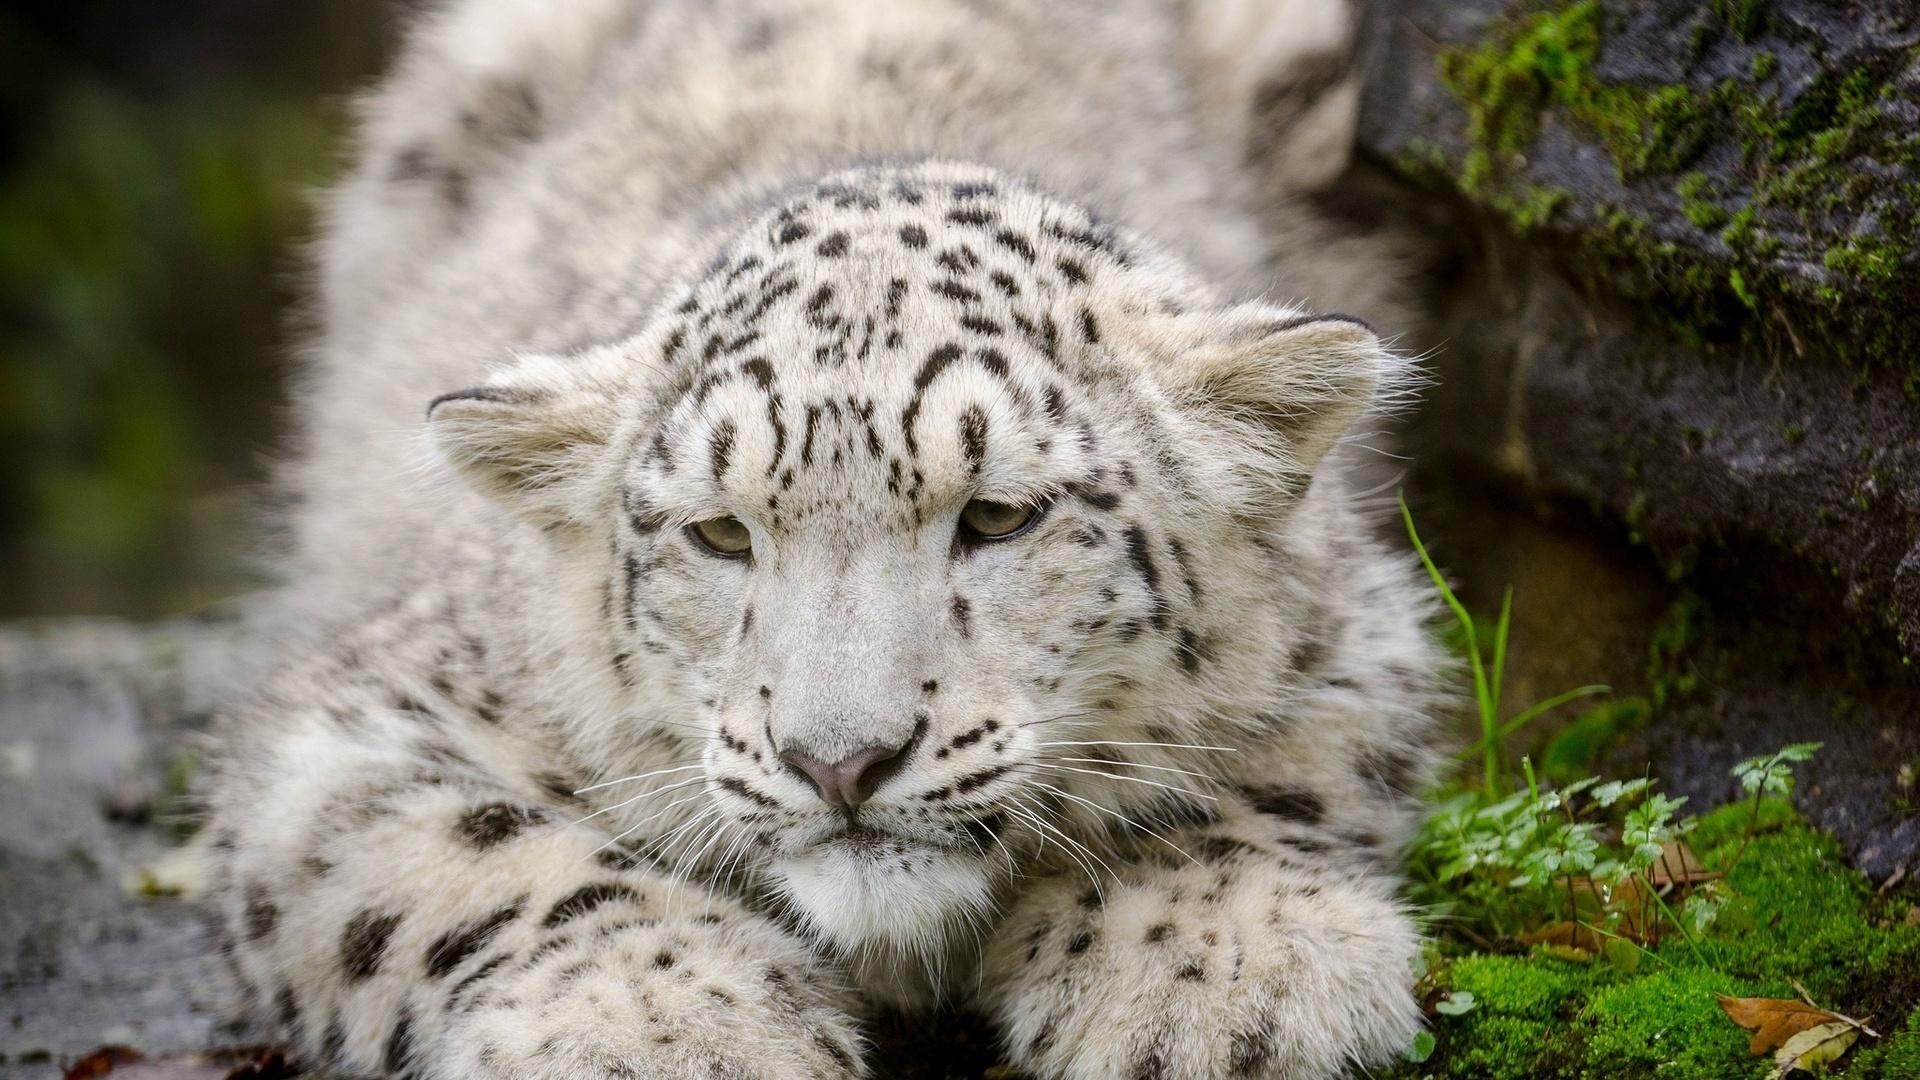 snow leopard kitten cat cub snout wallpapers photos pictures 1680x1050